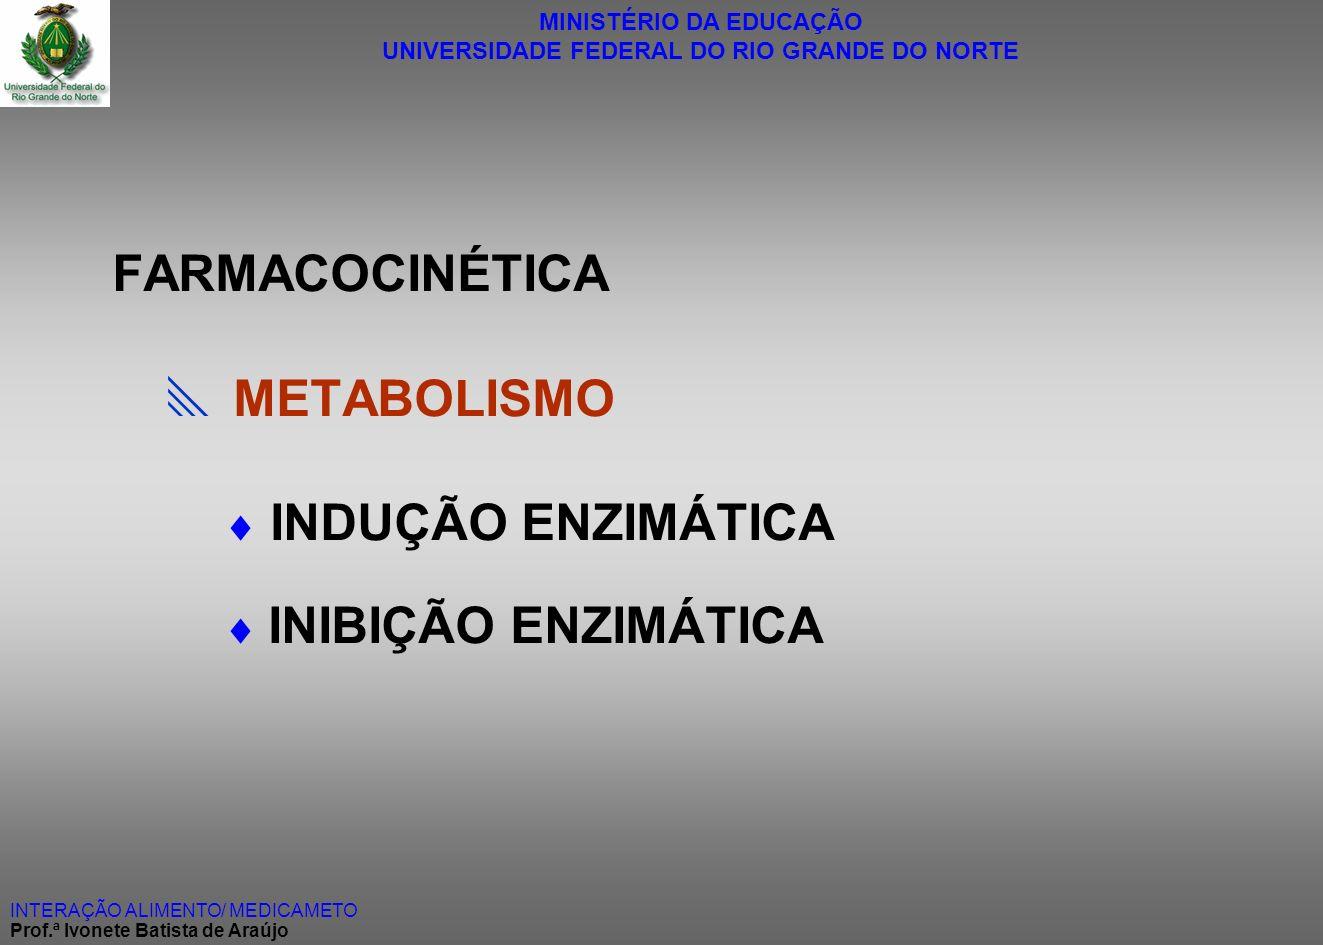 FARMACOCINÉTICA  METABOLISMO  INDUÇÃO ENZIMÁTICA  INIBIÇÃO ENZIMÁTICA